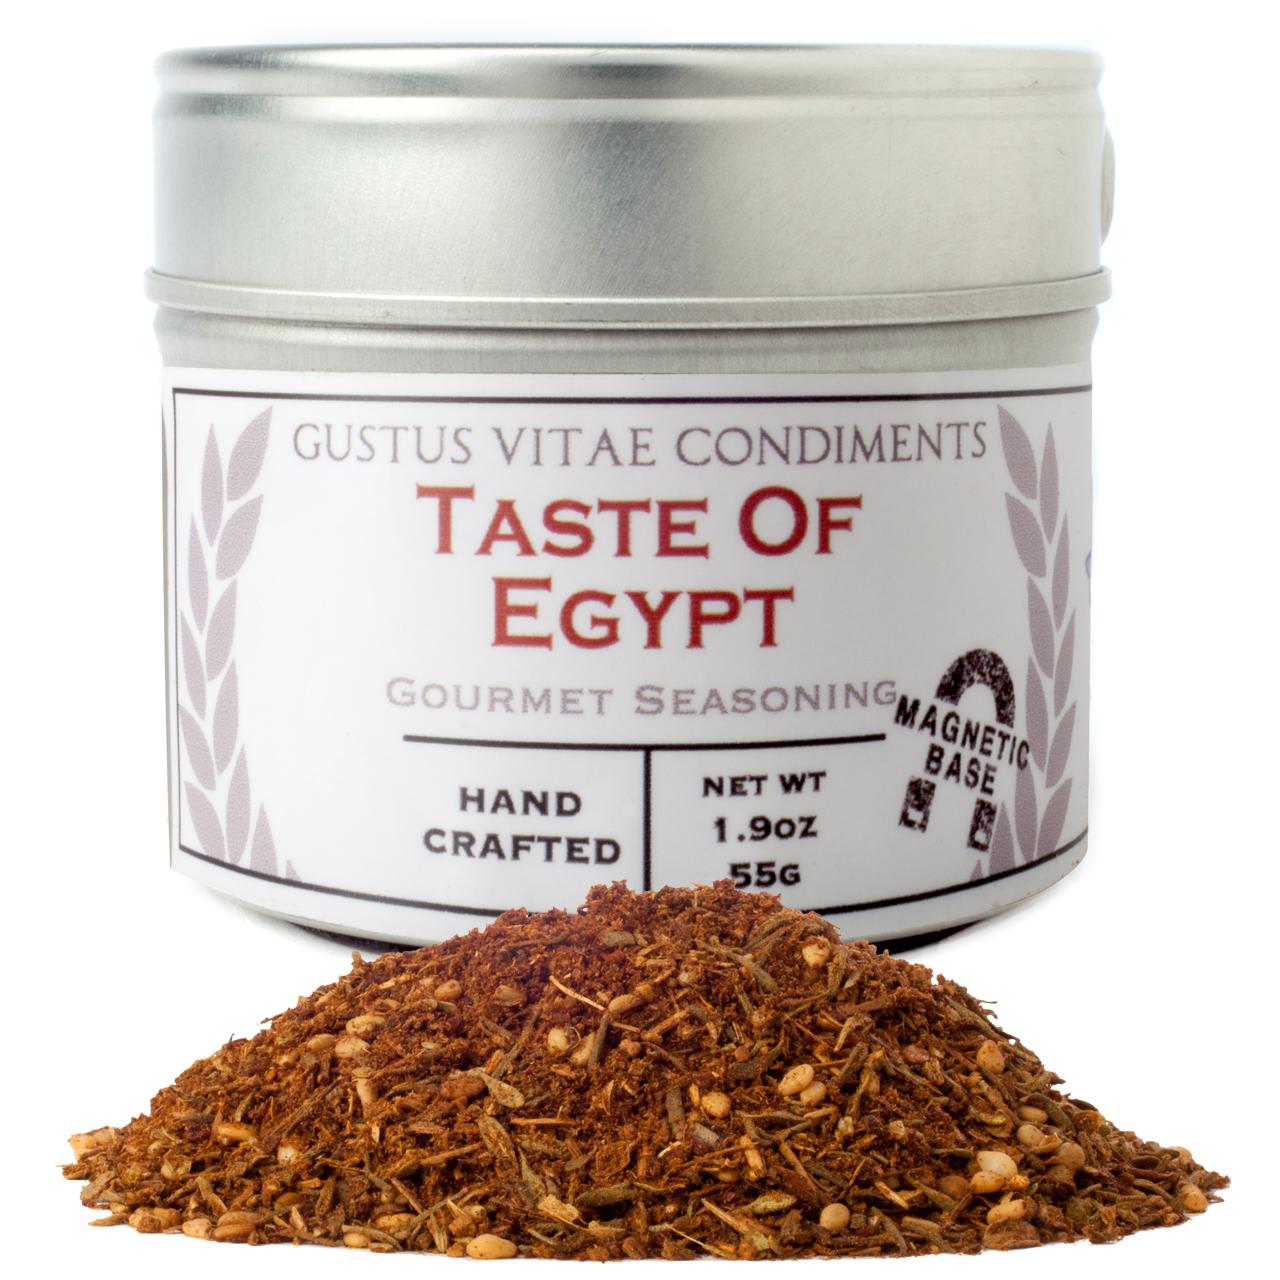 Taste of Egypt Gourmet Seasoning